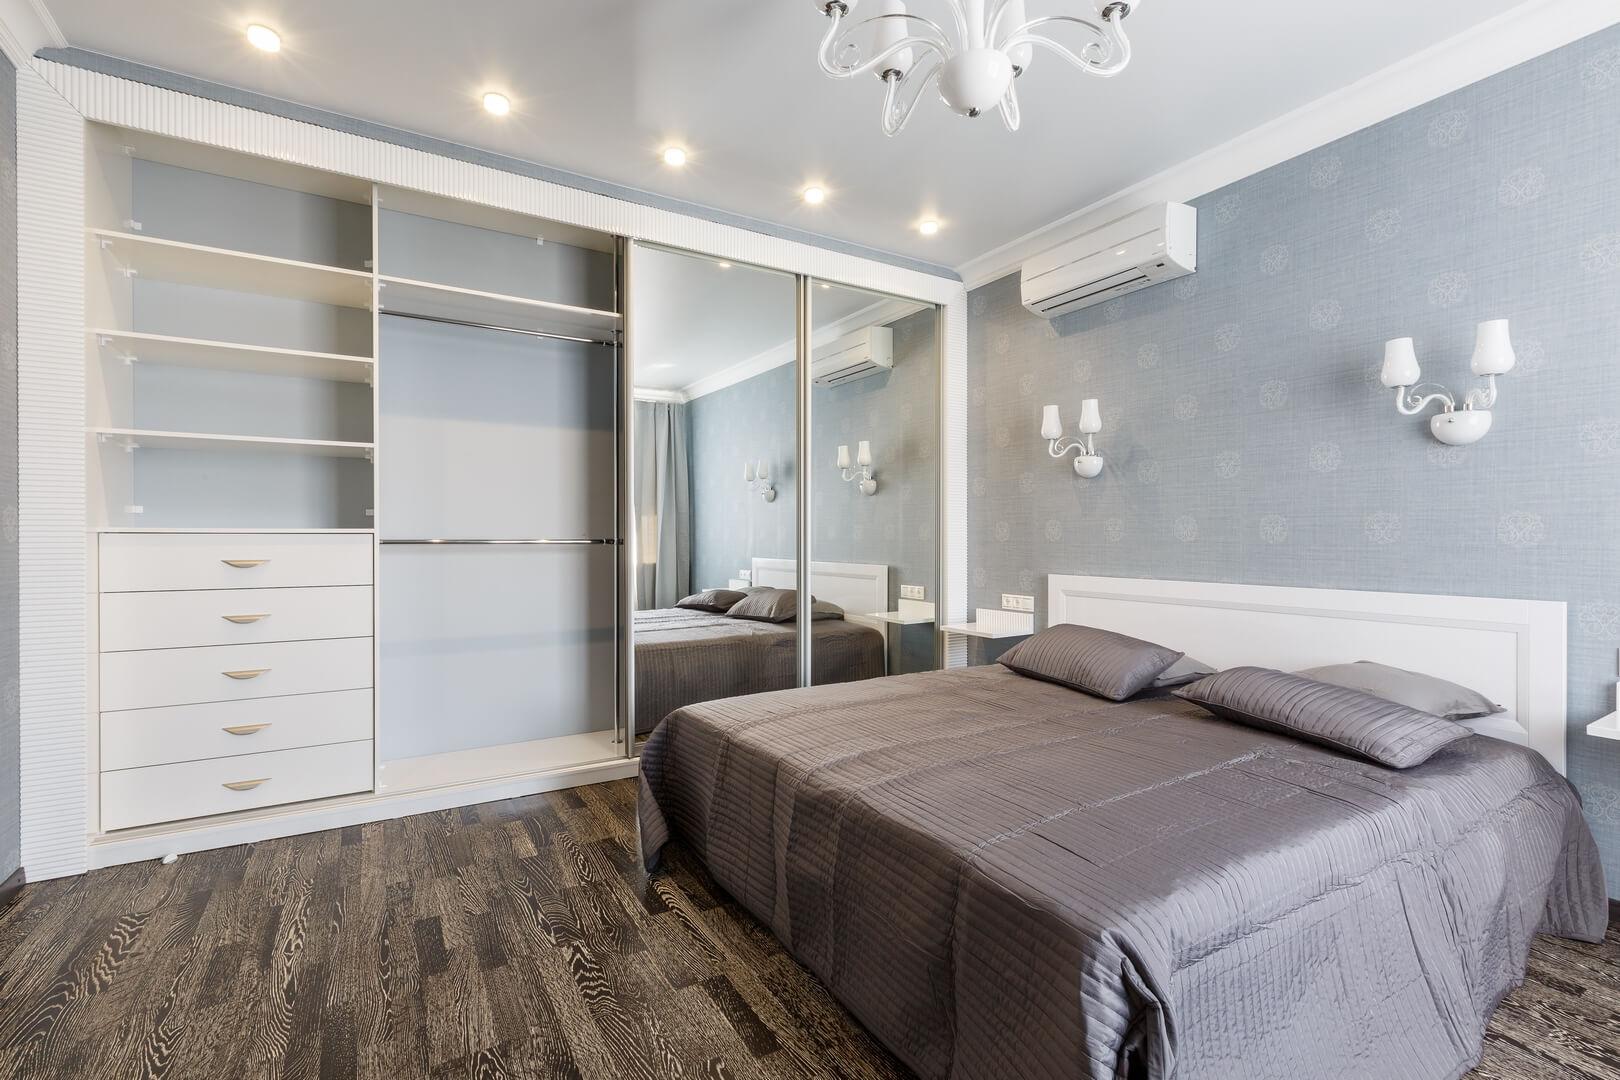 Duża biała szafa z drzwiami przesuwnymi i lustrami